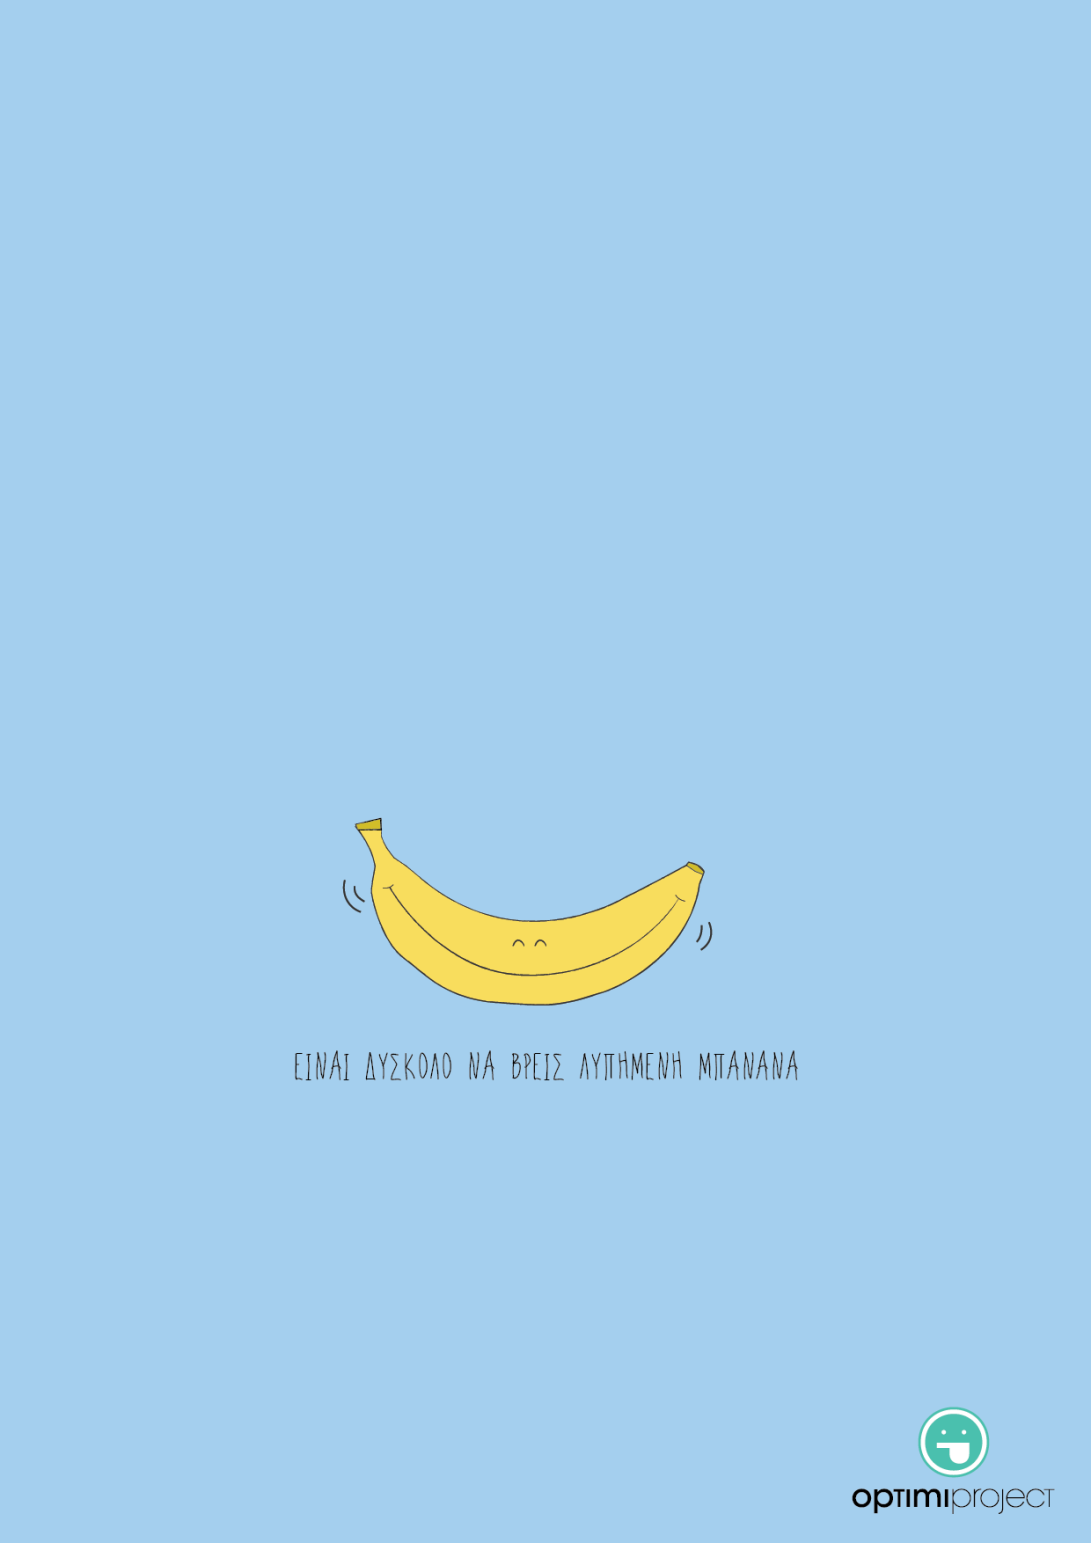 bananaSmileGr-01